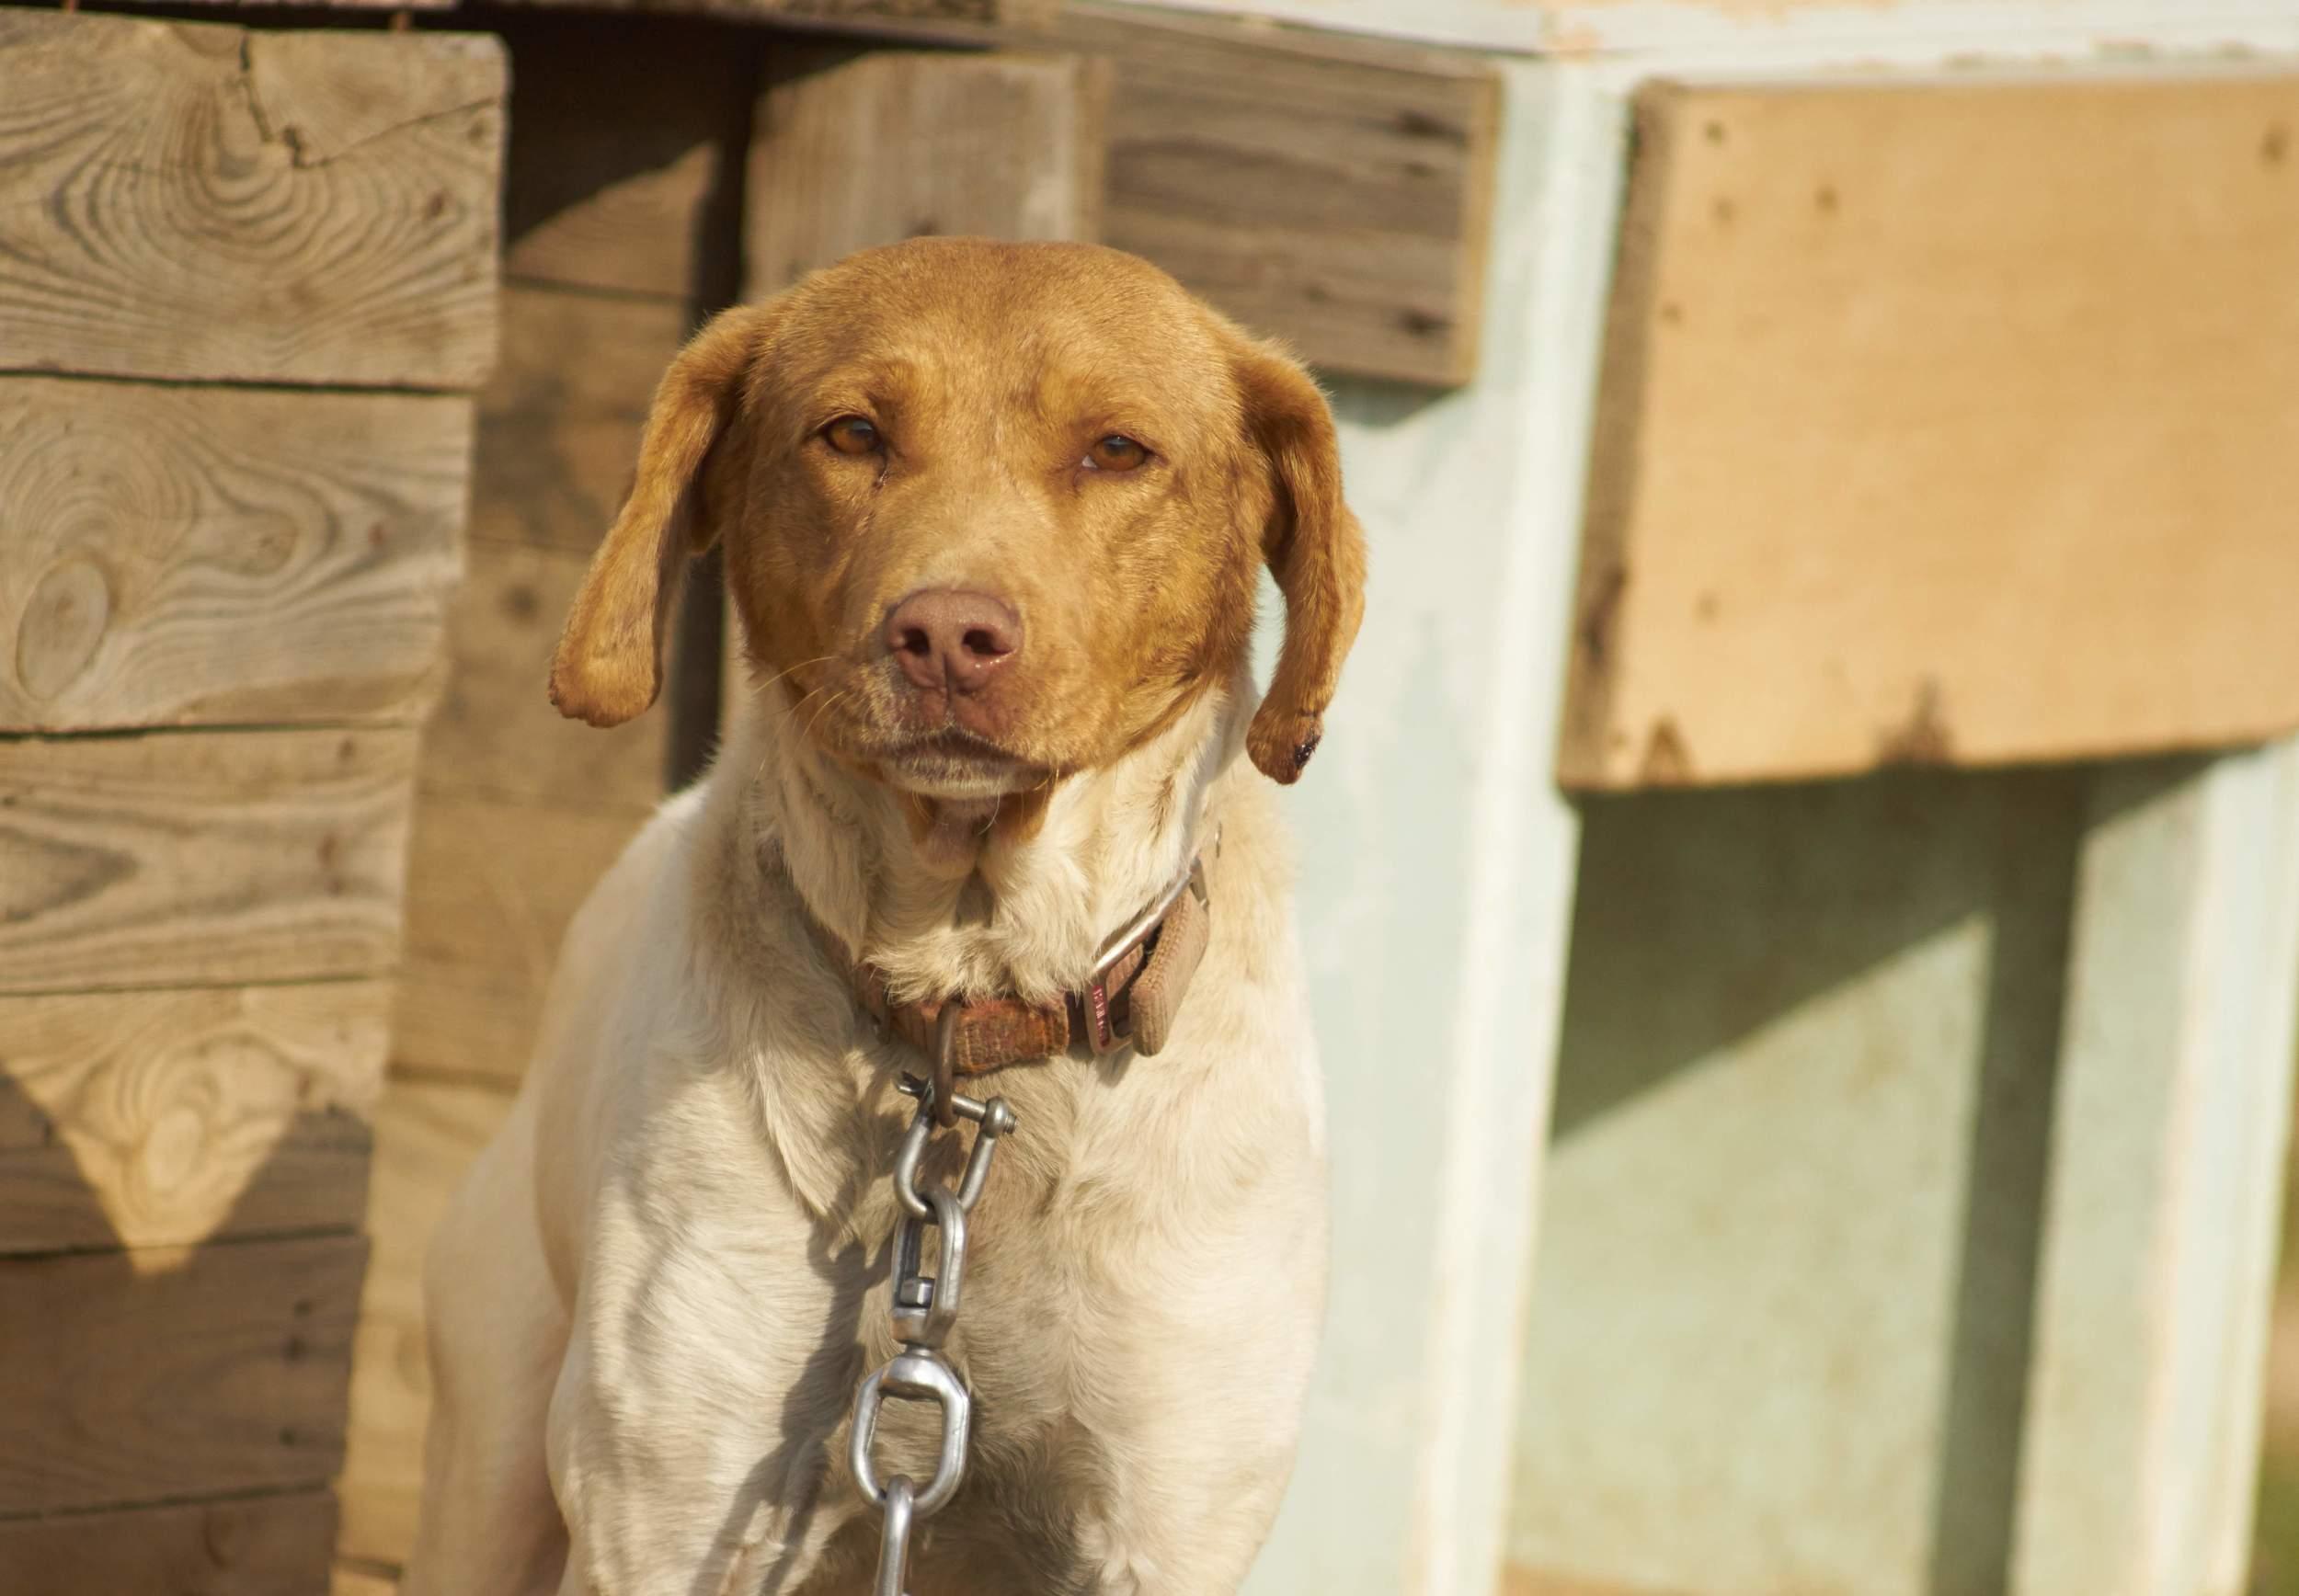 σκυλι με αλλη αλυσιδα8.jpg